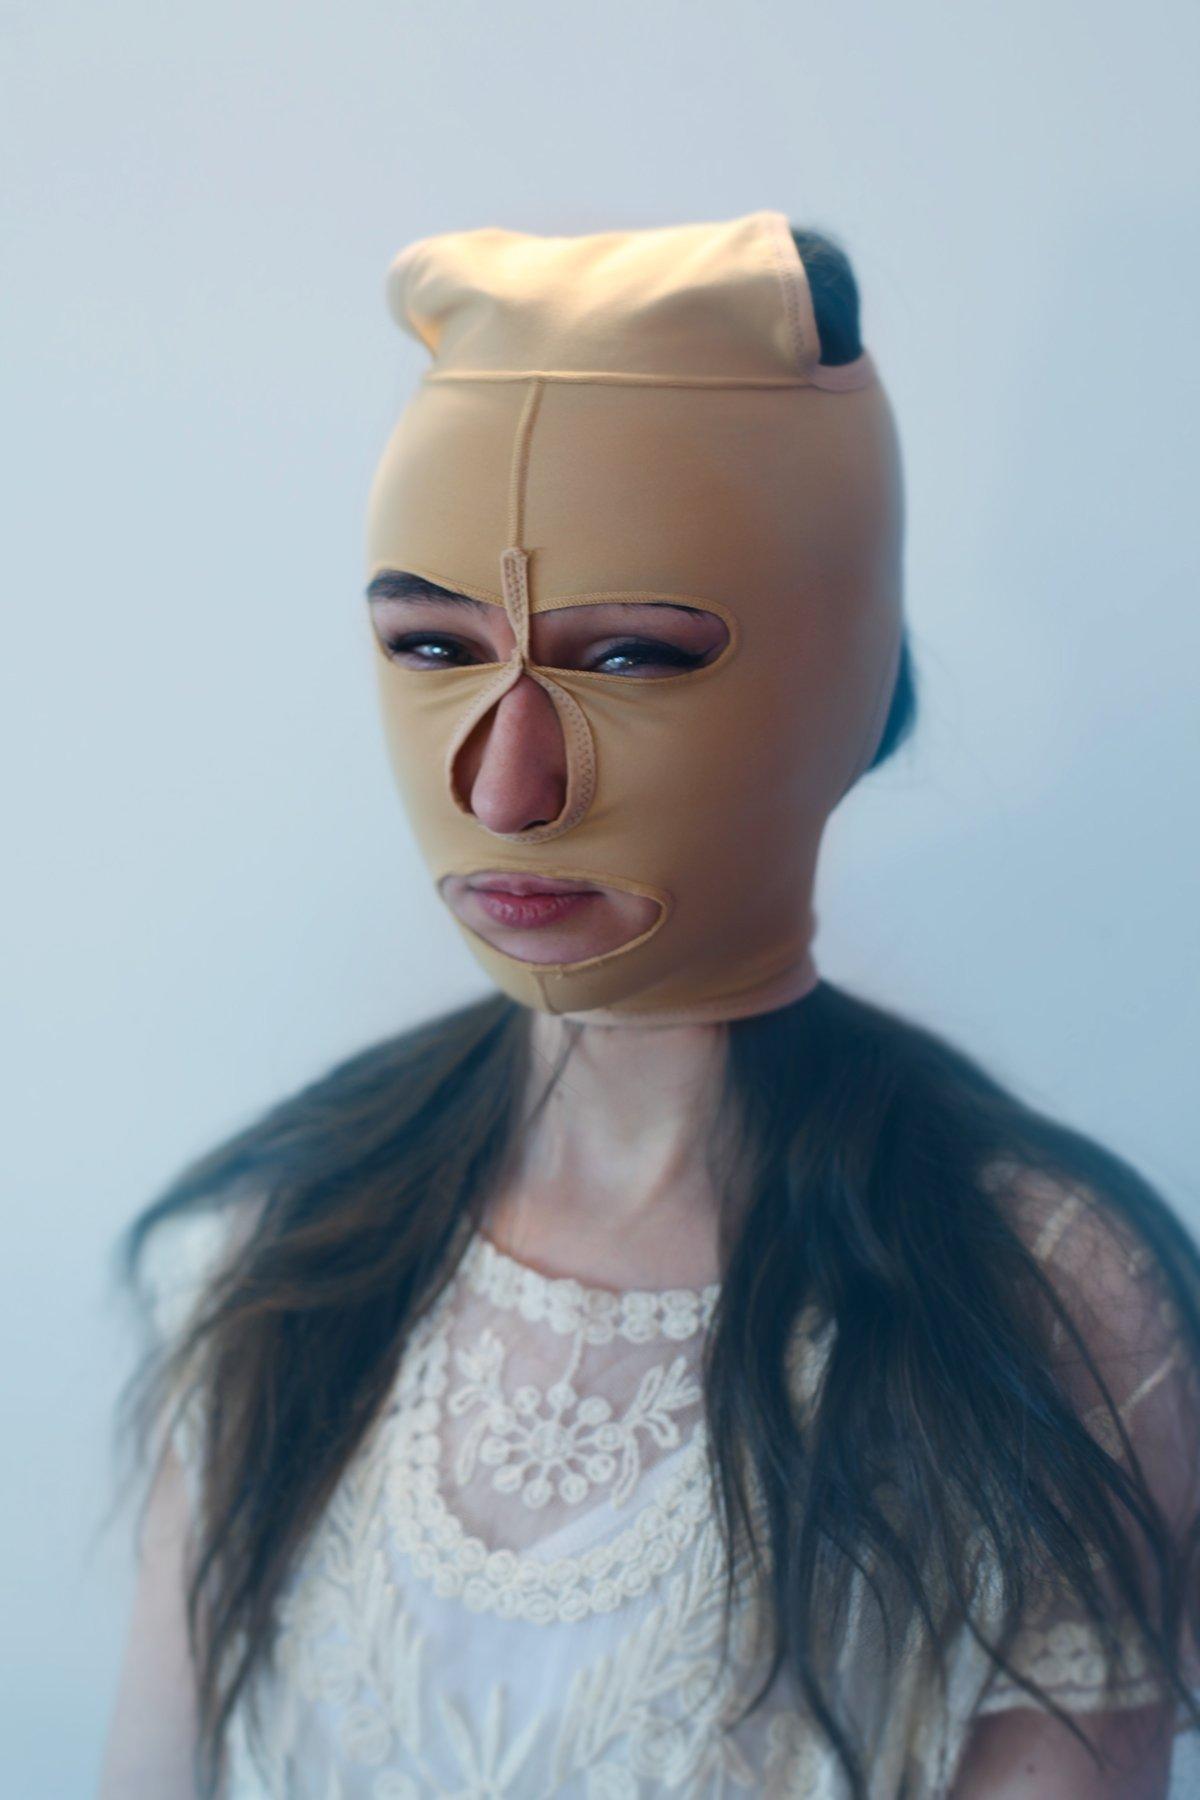 """14 fotos perturbadoras mostram as coisas bizarras que uma mulher usa para ficar """"linda"""" 04"""